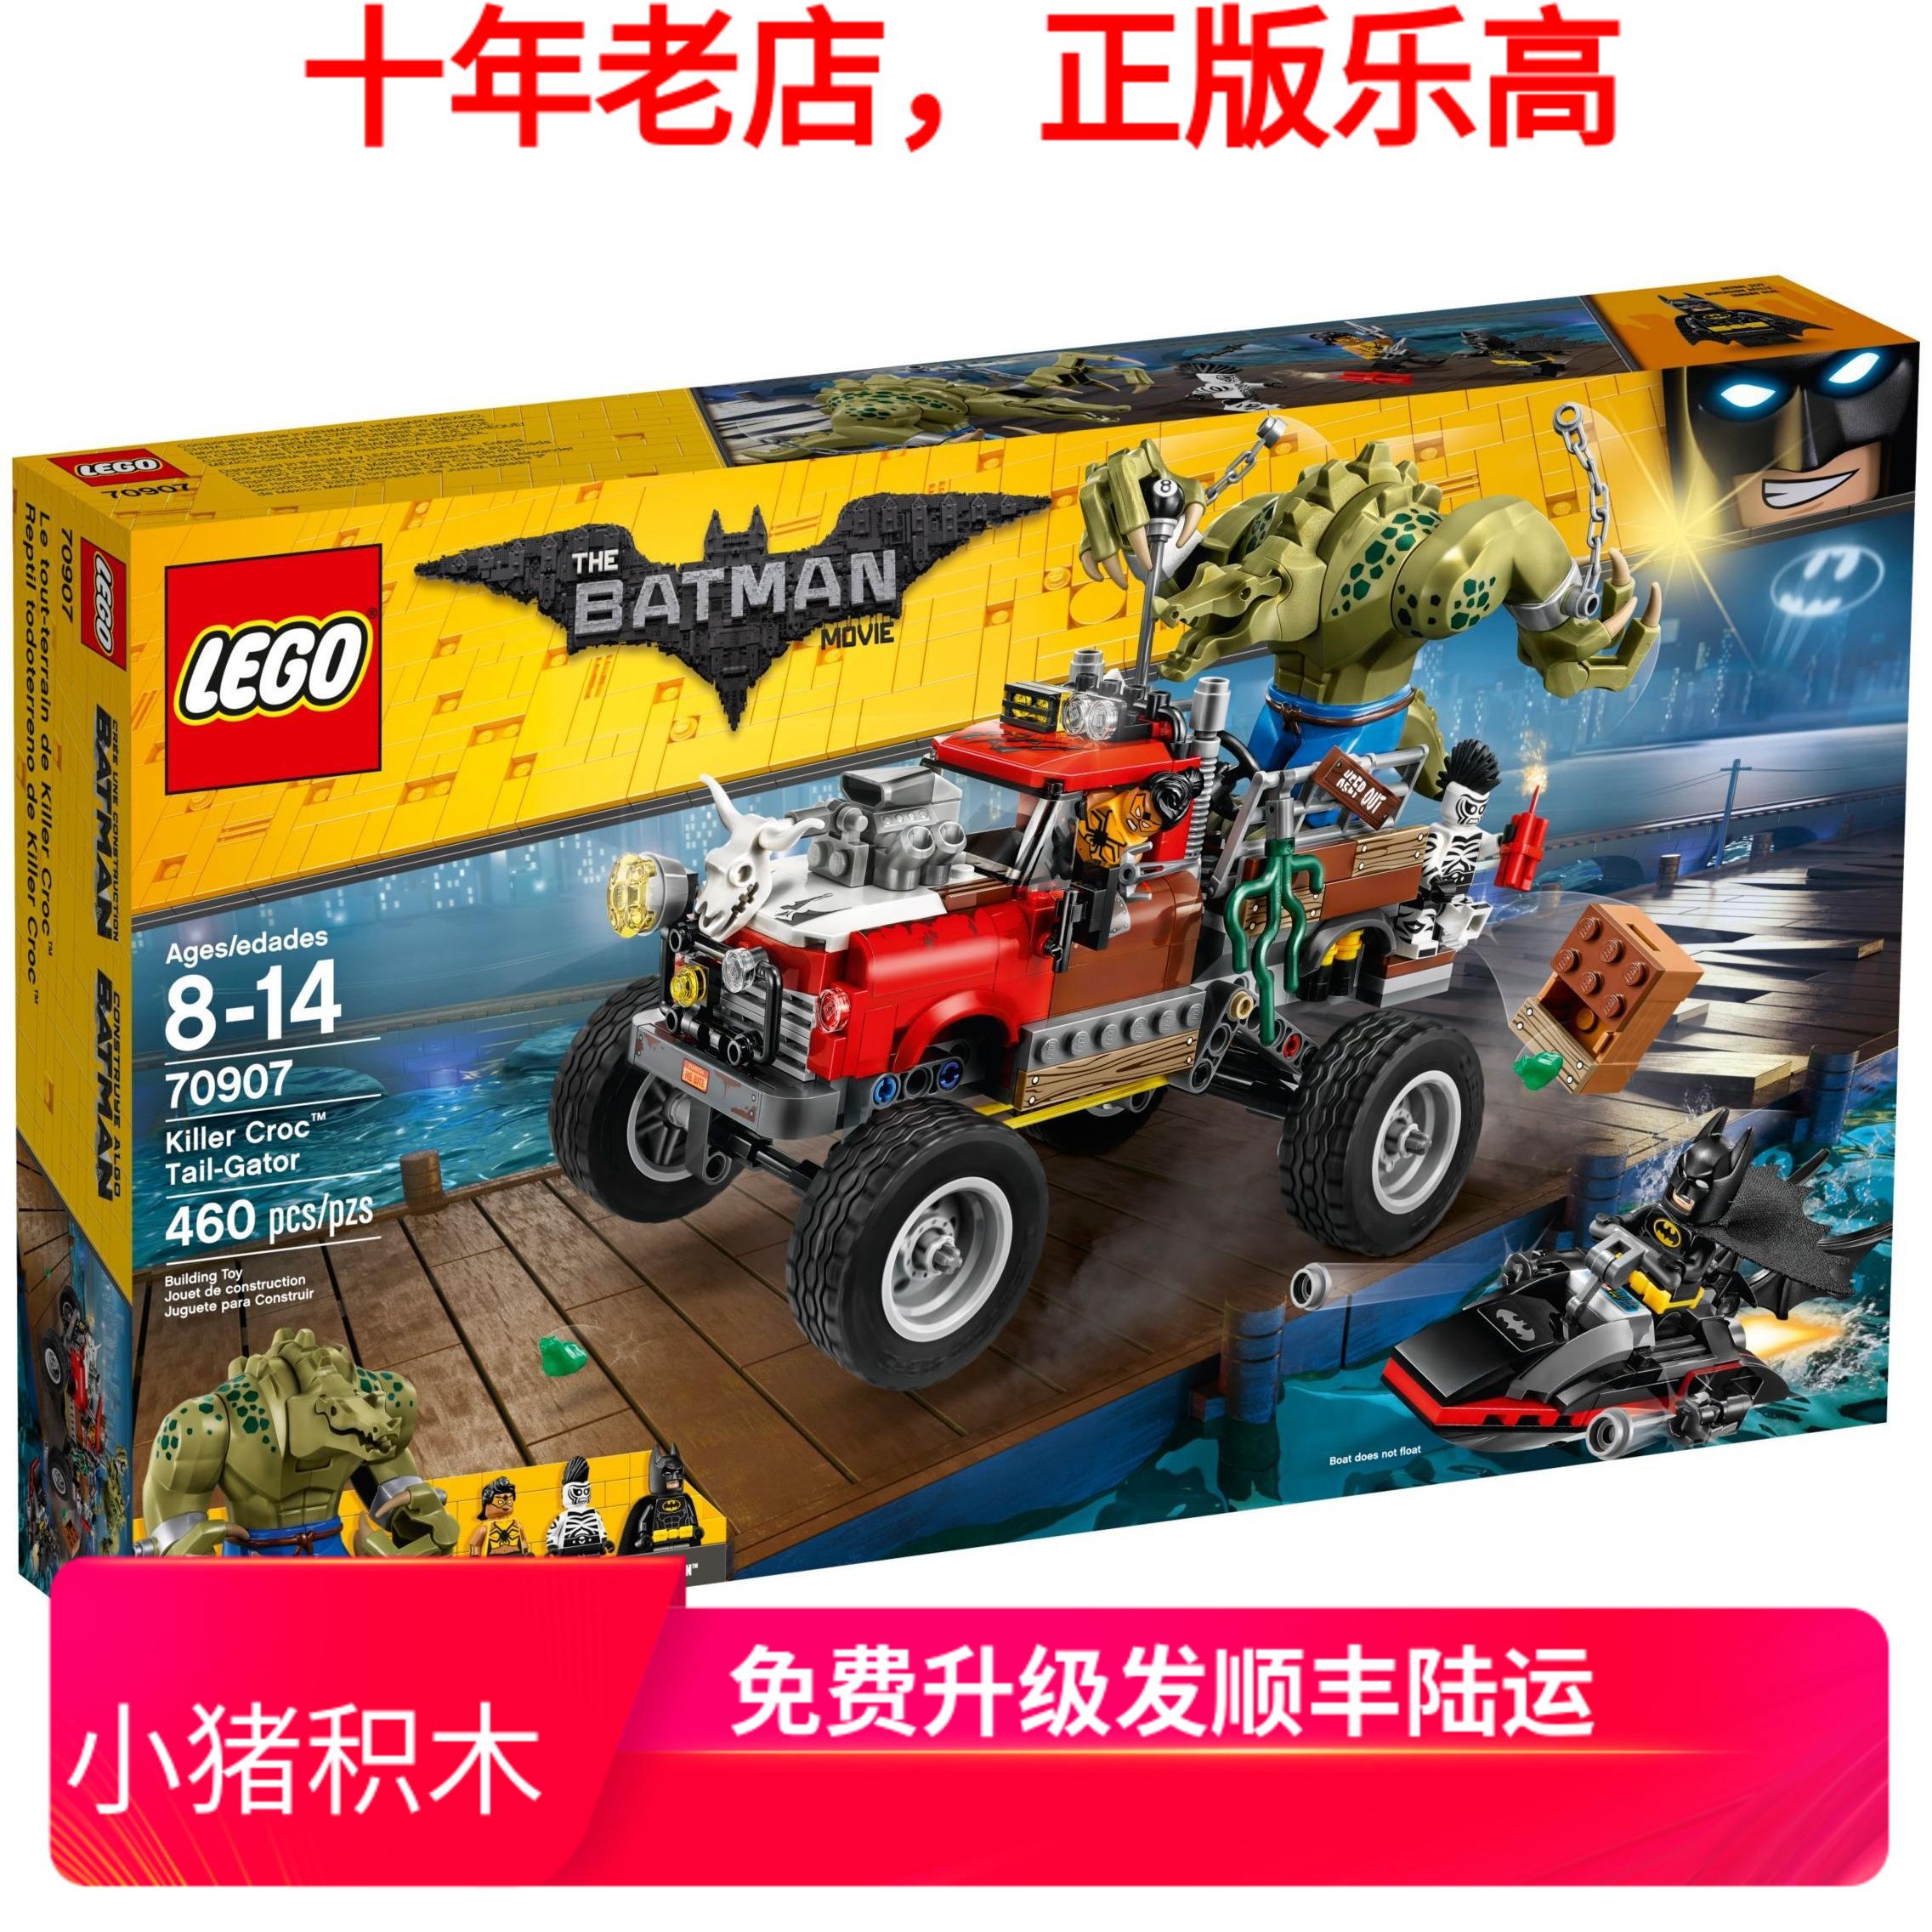 LEGO 乐高 70907 蝙蝠侠大电影 鳄鱼怪杀手 儿童益智拼装积木玩具